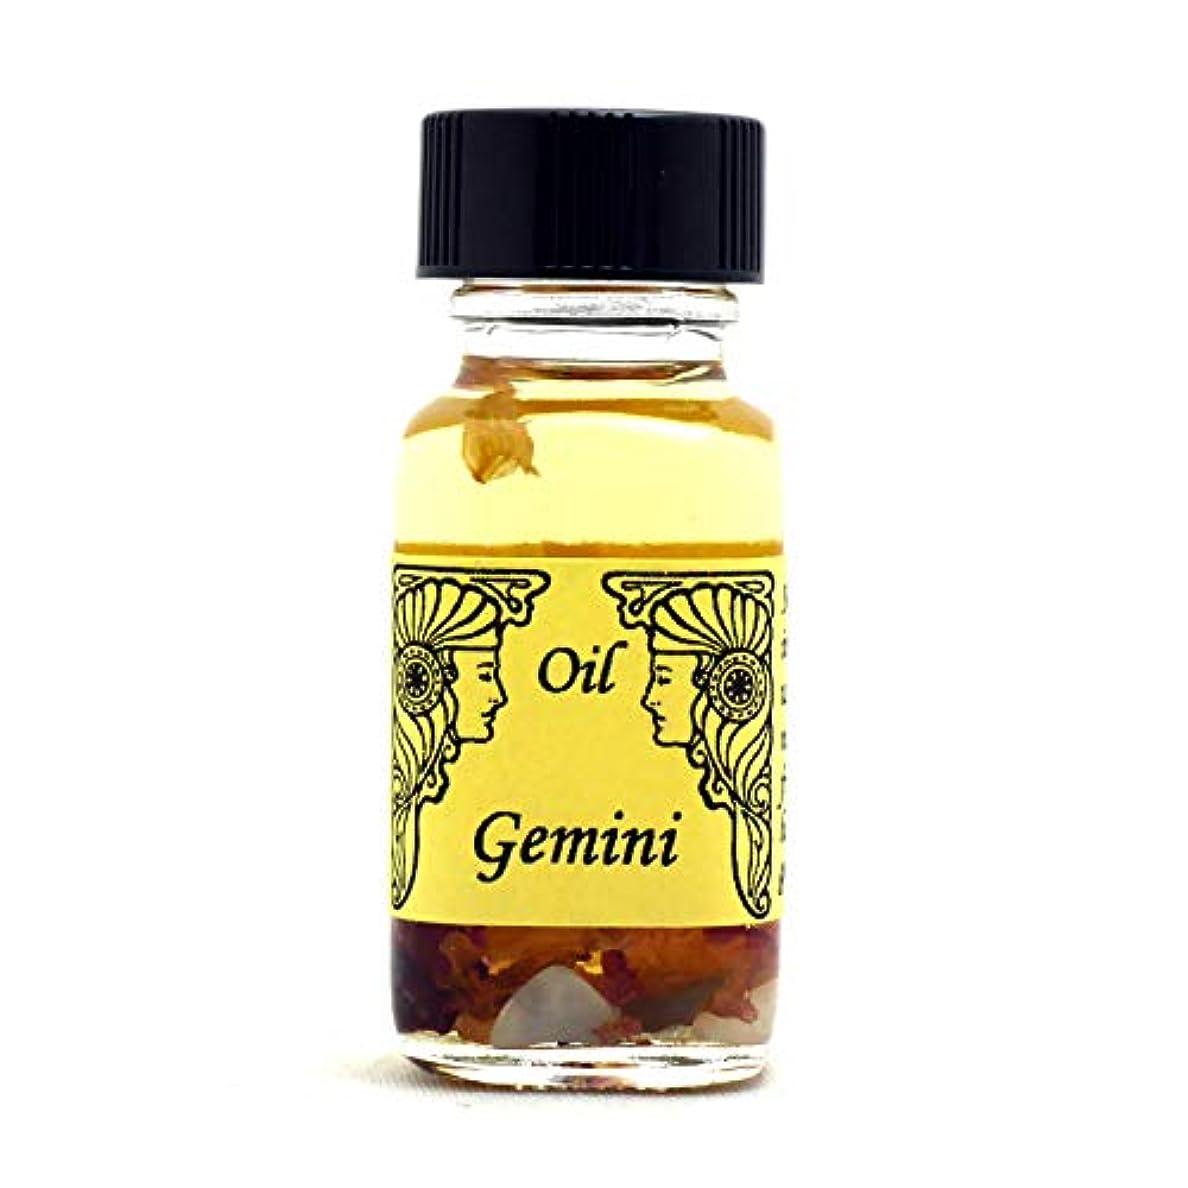 創始者公インスタンスアンシェントメモリーオイル 12星座オイル(占星術オイル)Gemini ふたご座 5月21日~6月20日